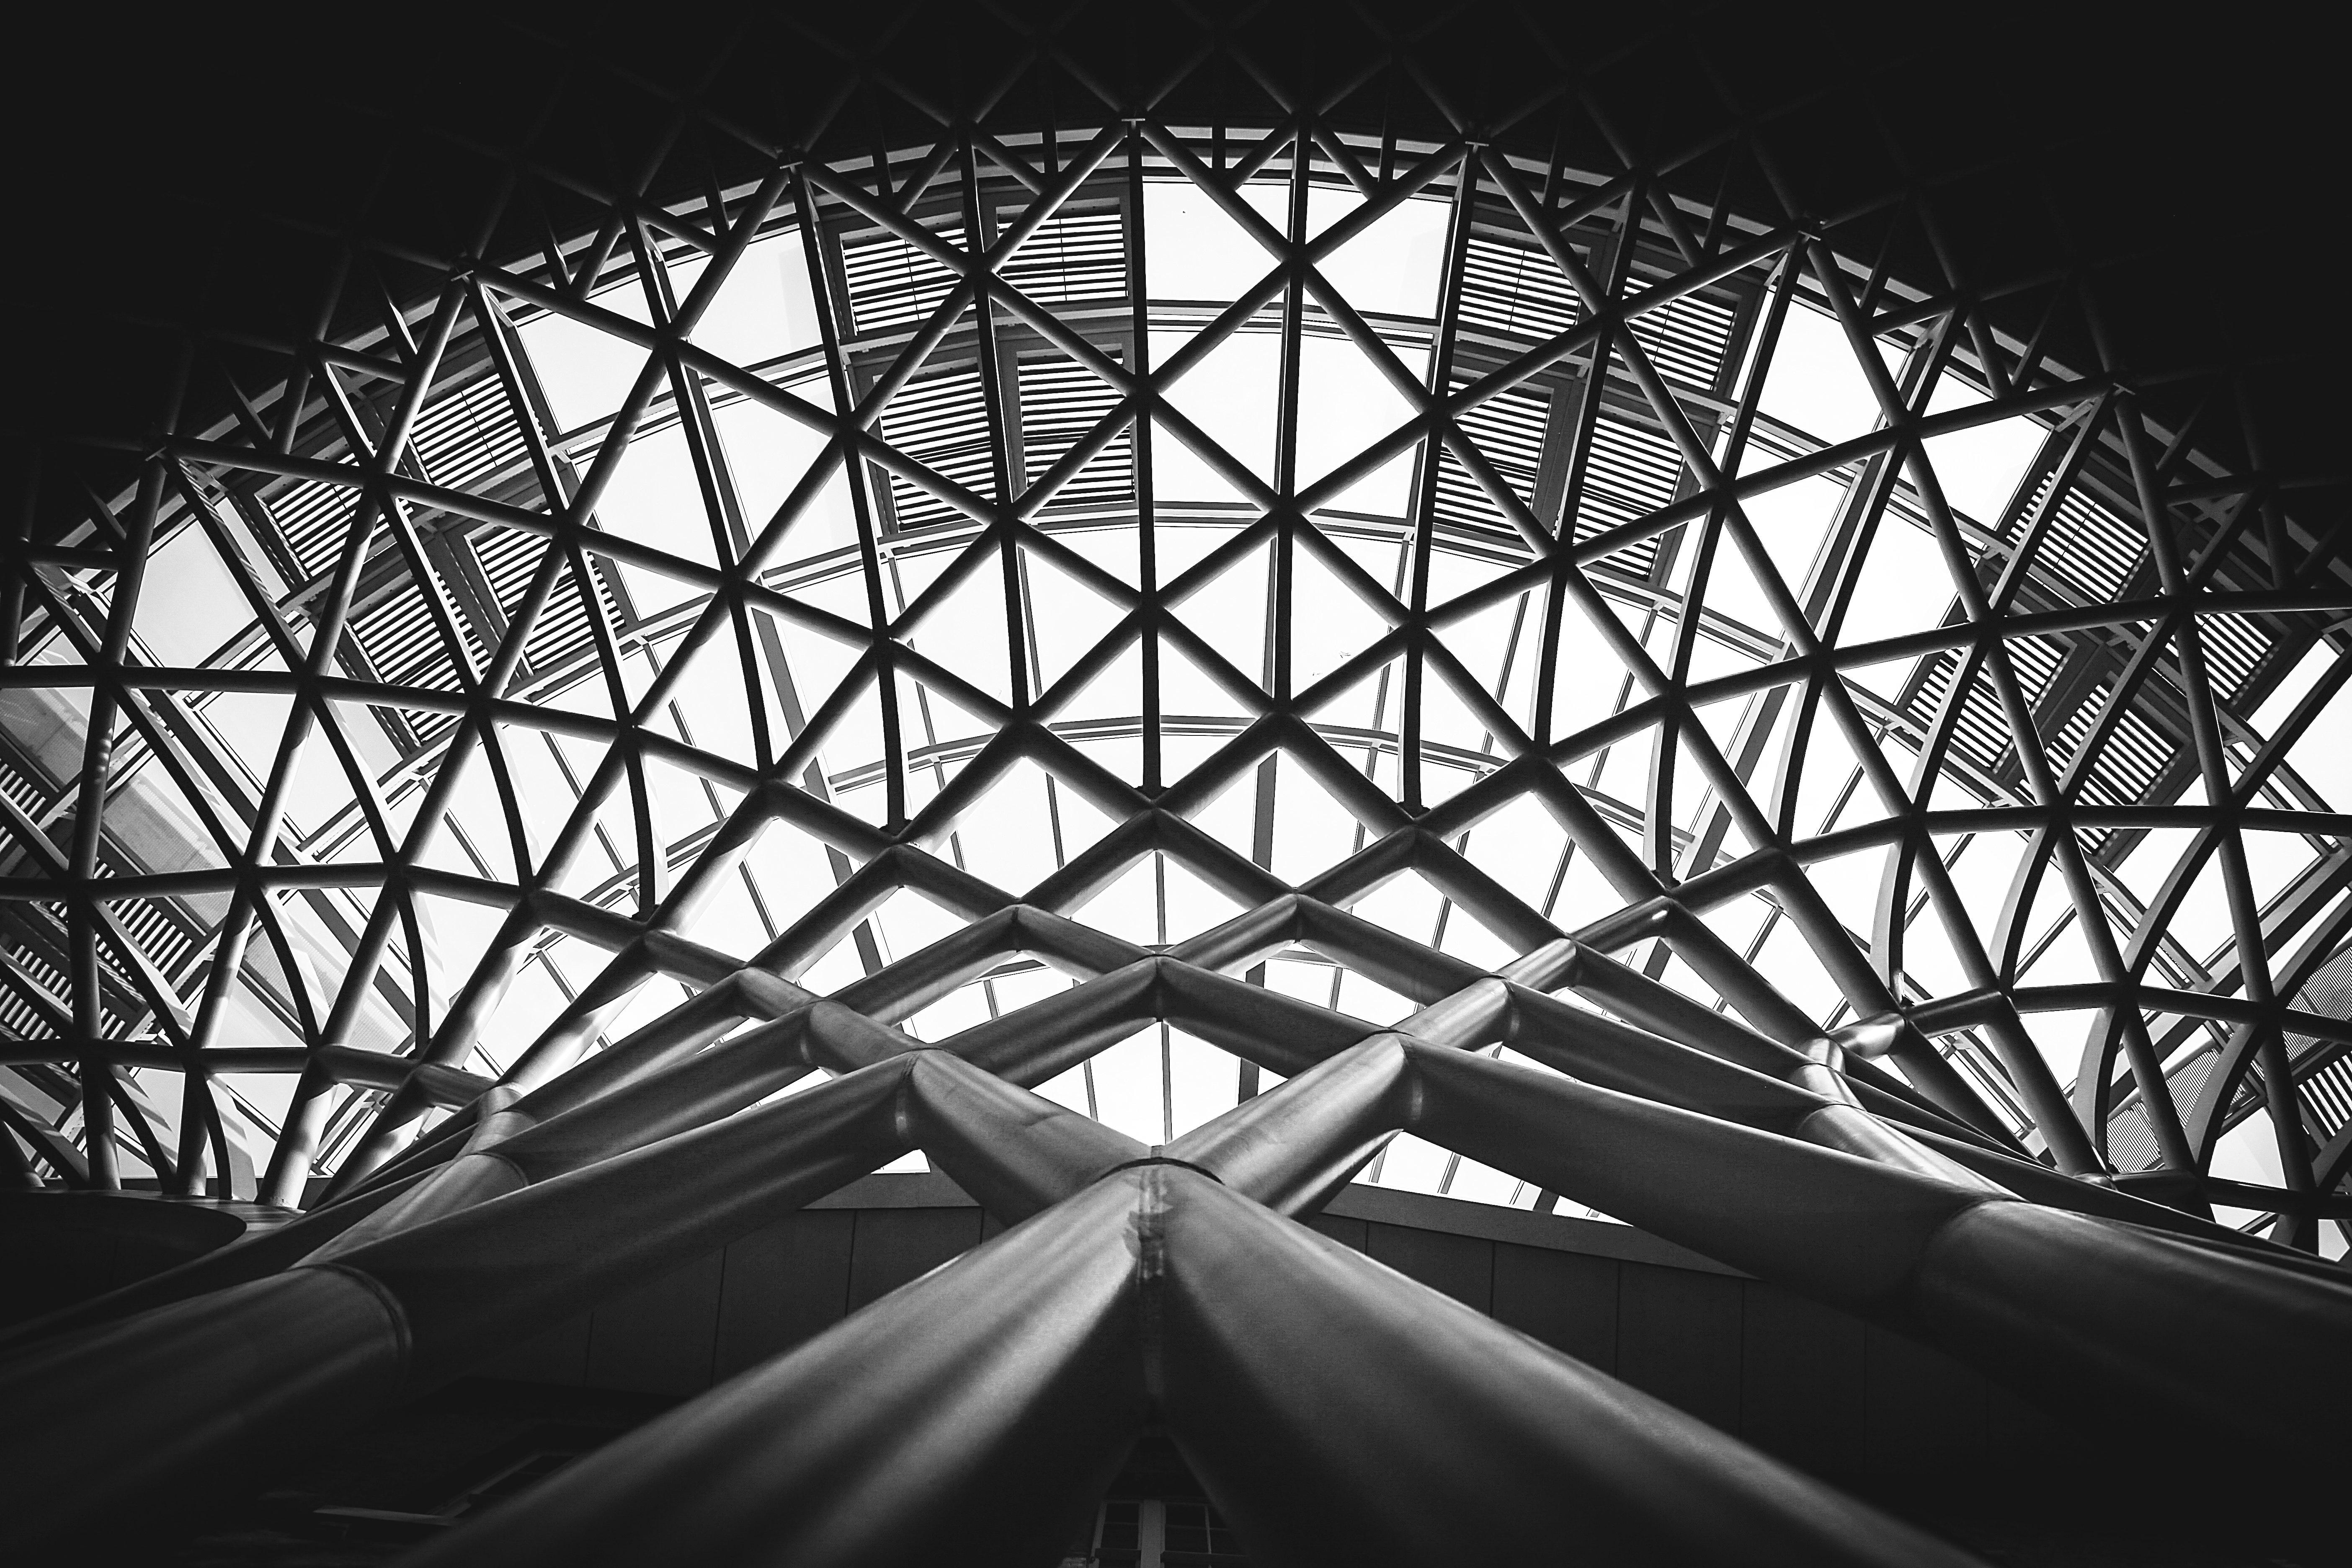 beams in a building